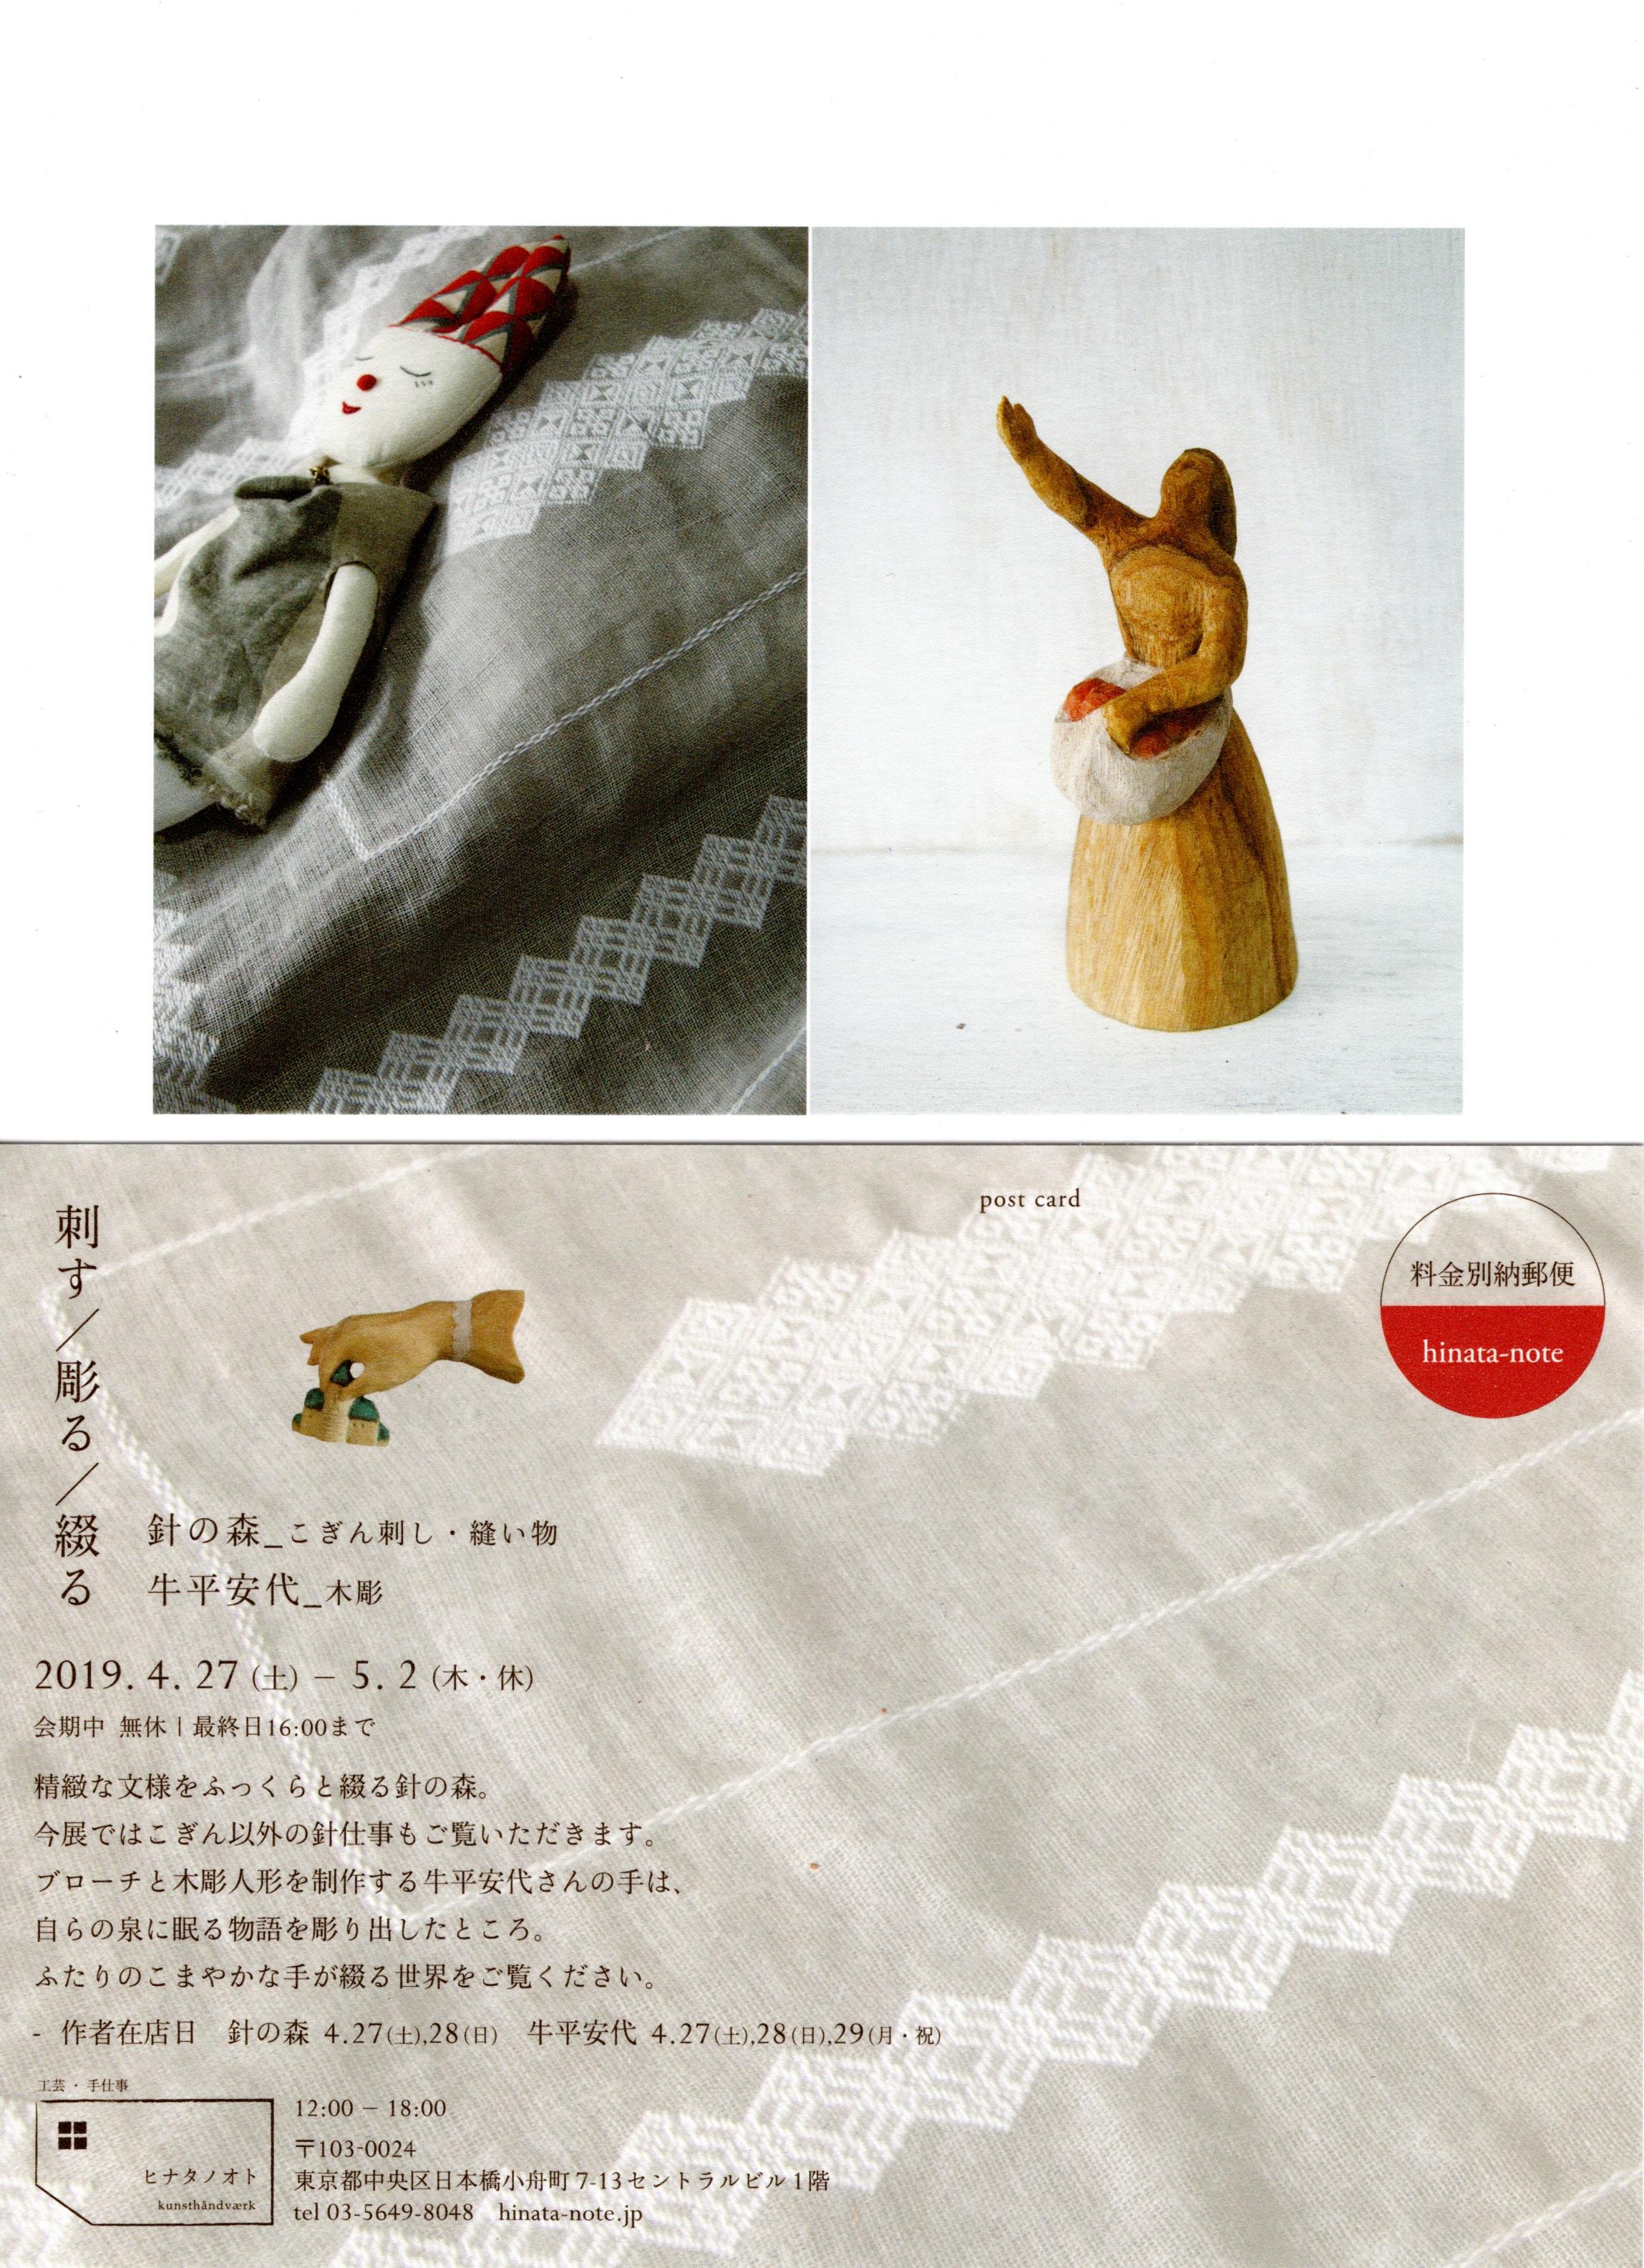 刺す/彫る/綴る